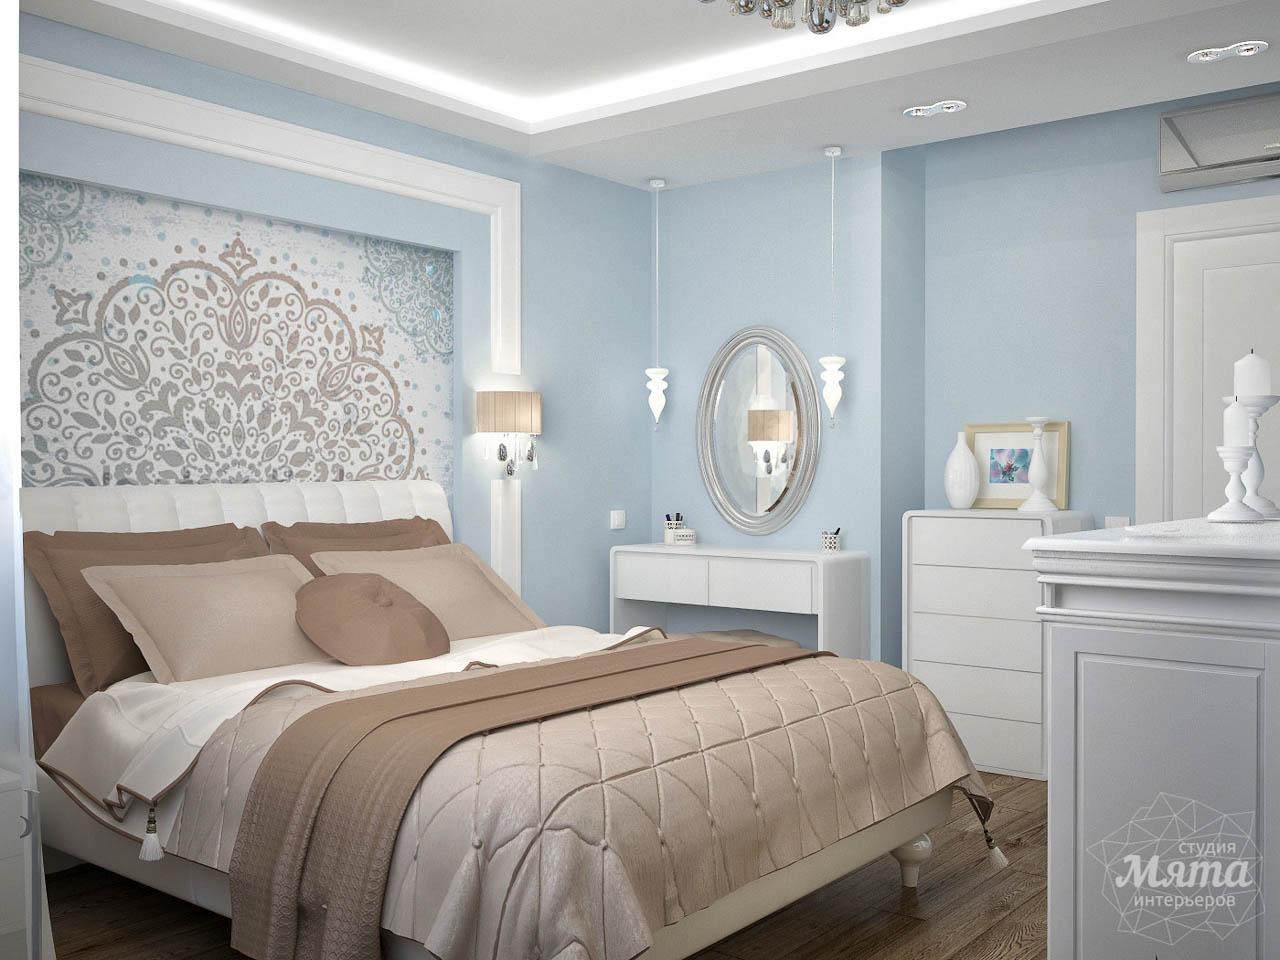 Дизайн интерьера и ремонт трехкомнатной квартиры по ул. Фучика 9 img1434805807